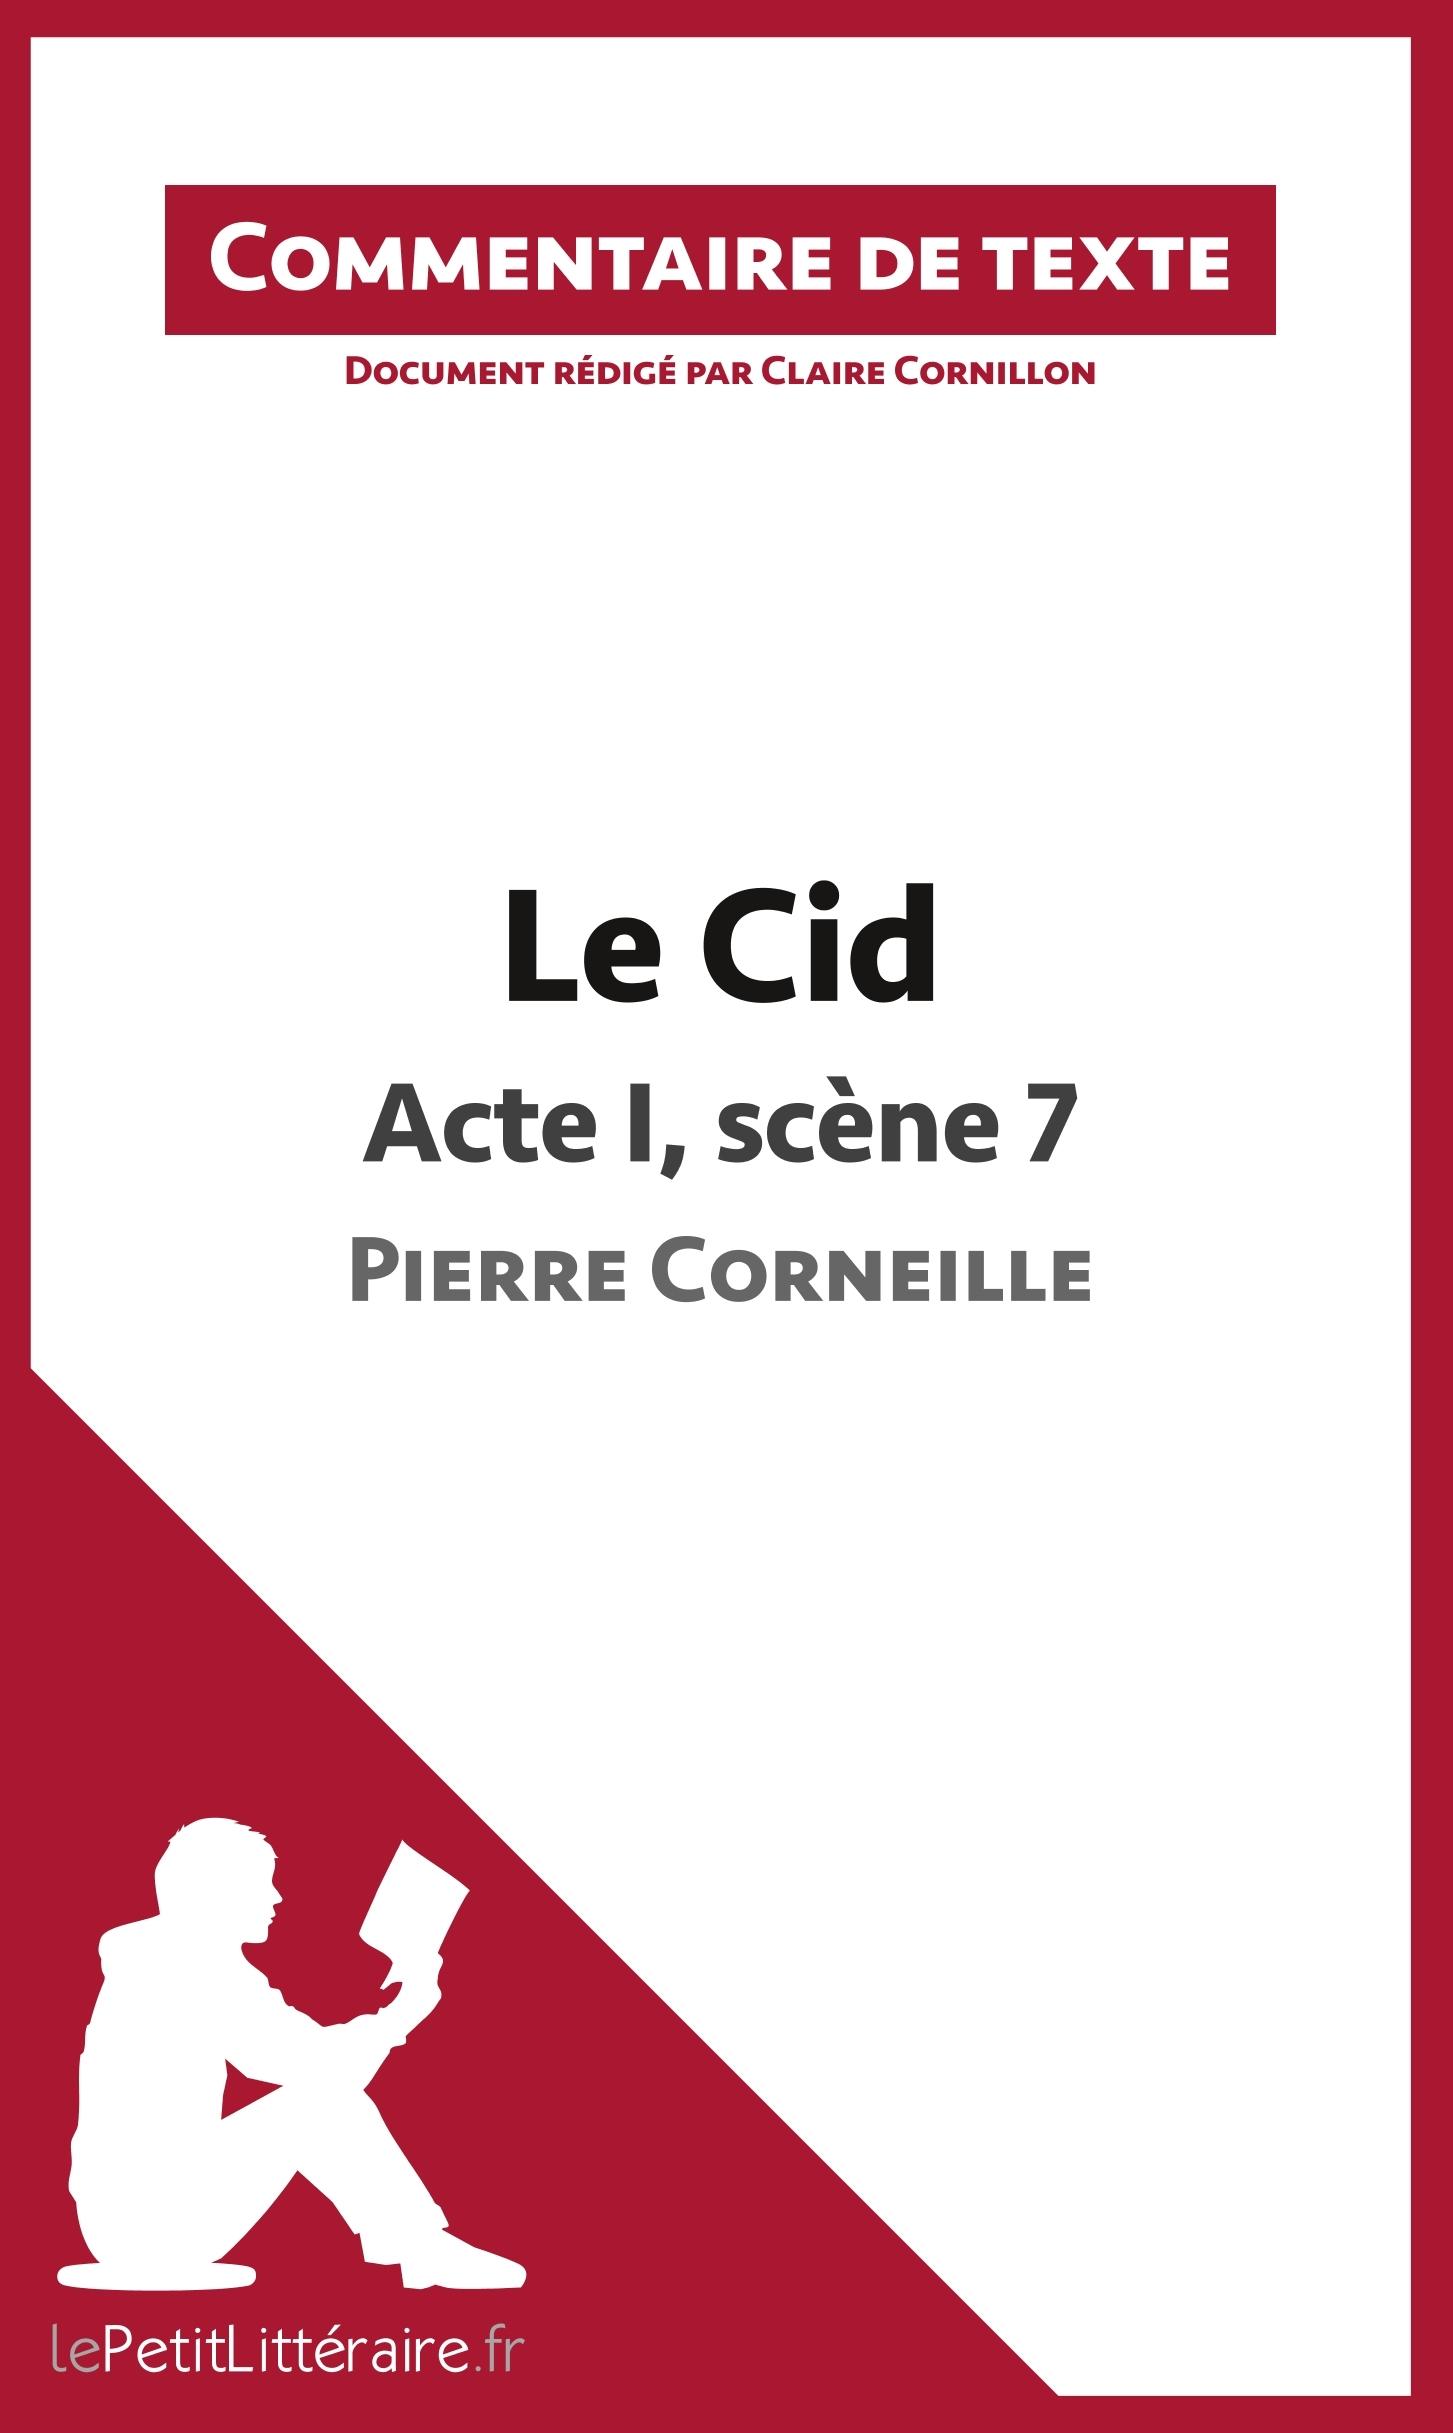 COMMENTAIRE COMPOSE LE CID DE CORNEILLE ACTE I SCENE 7